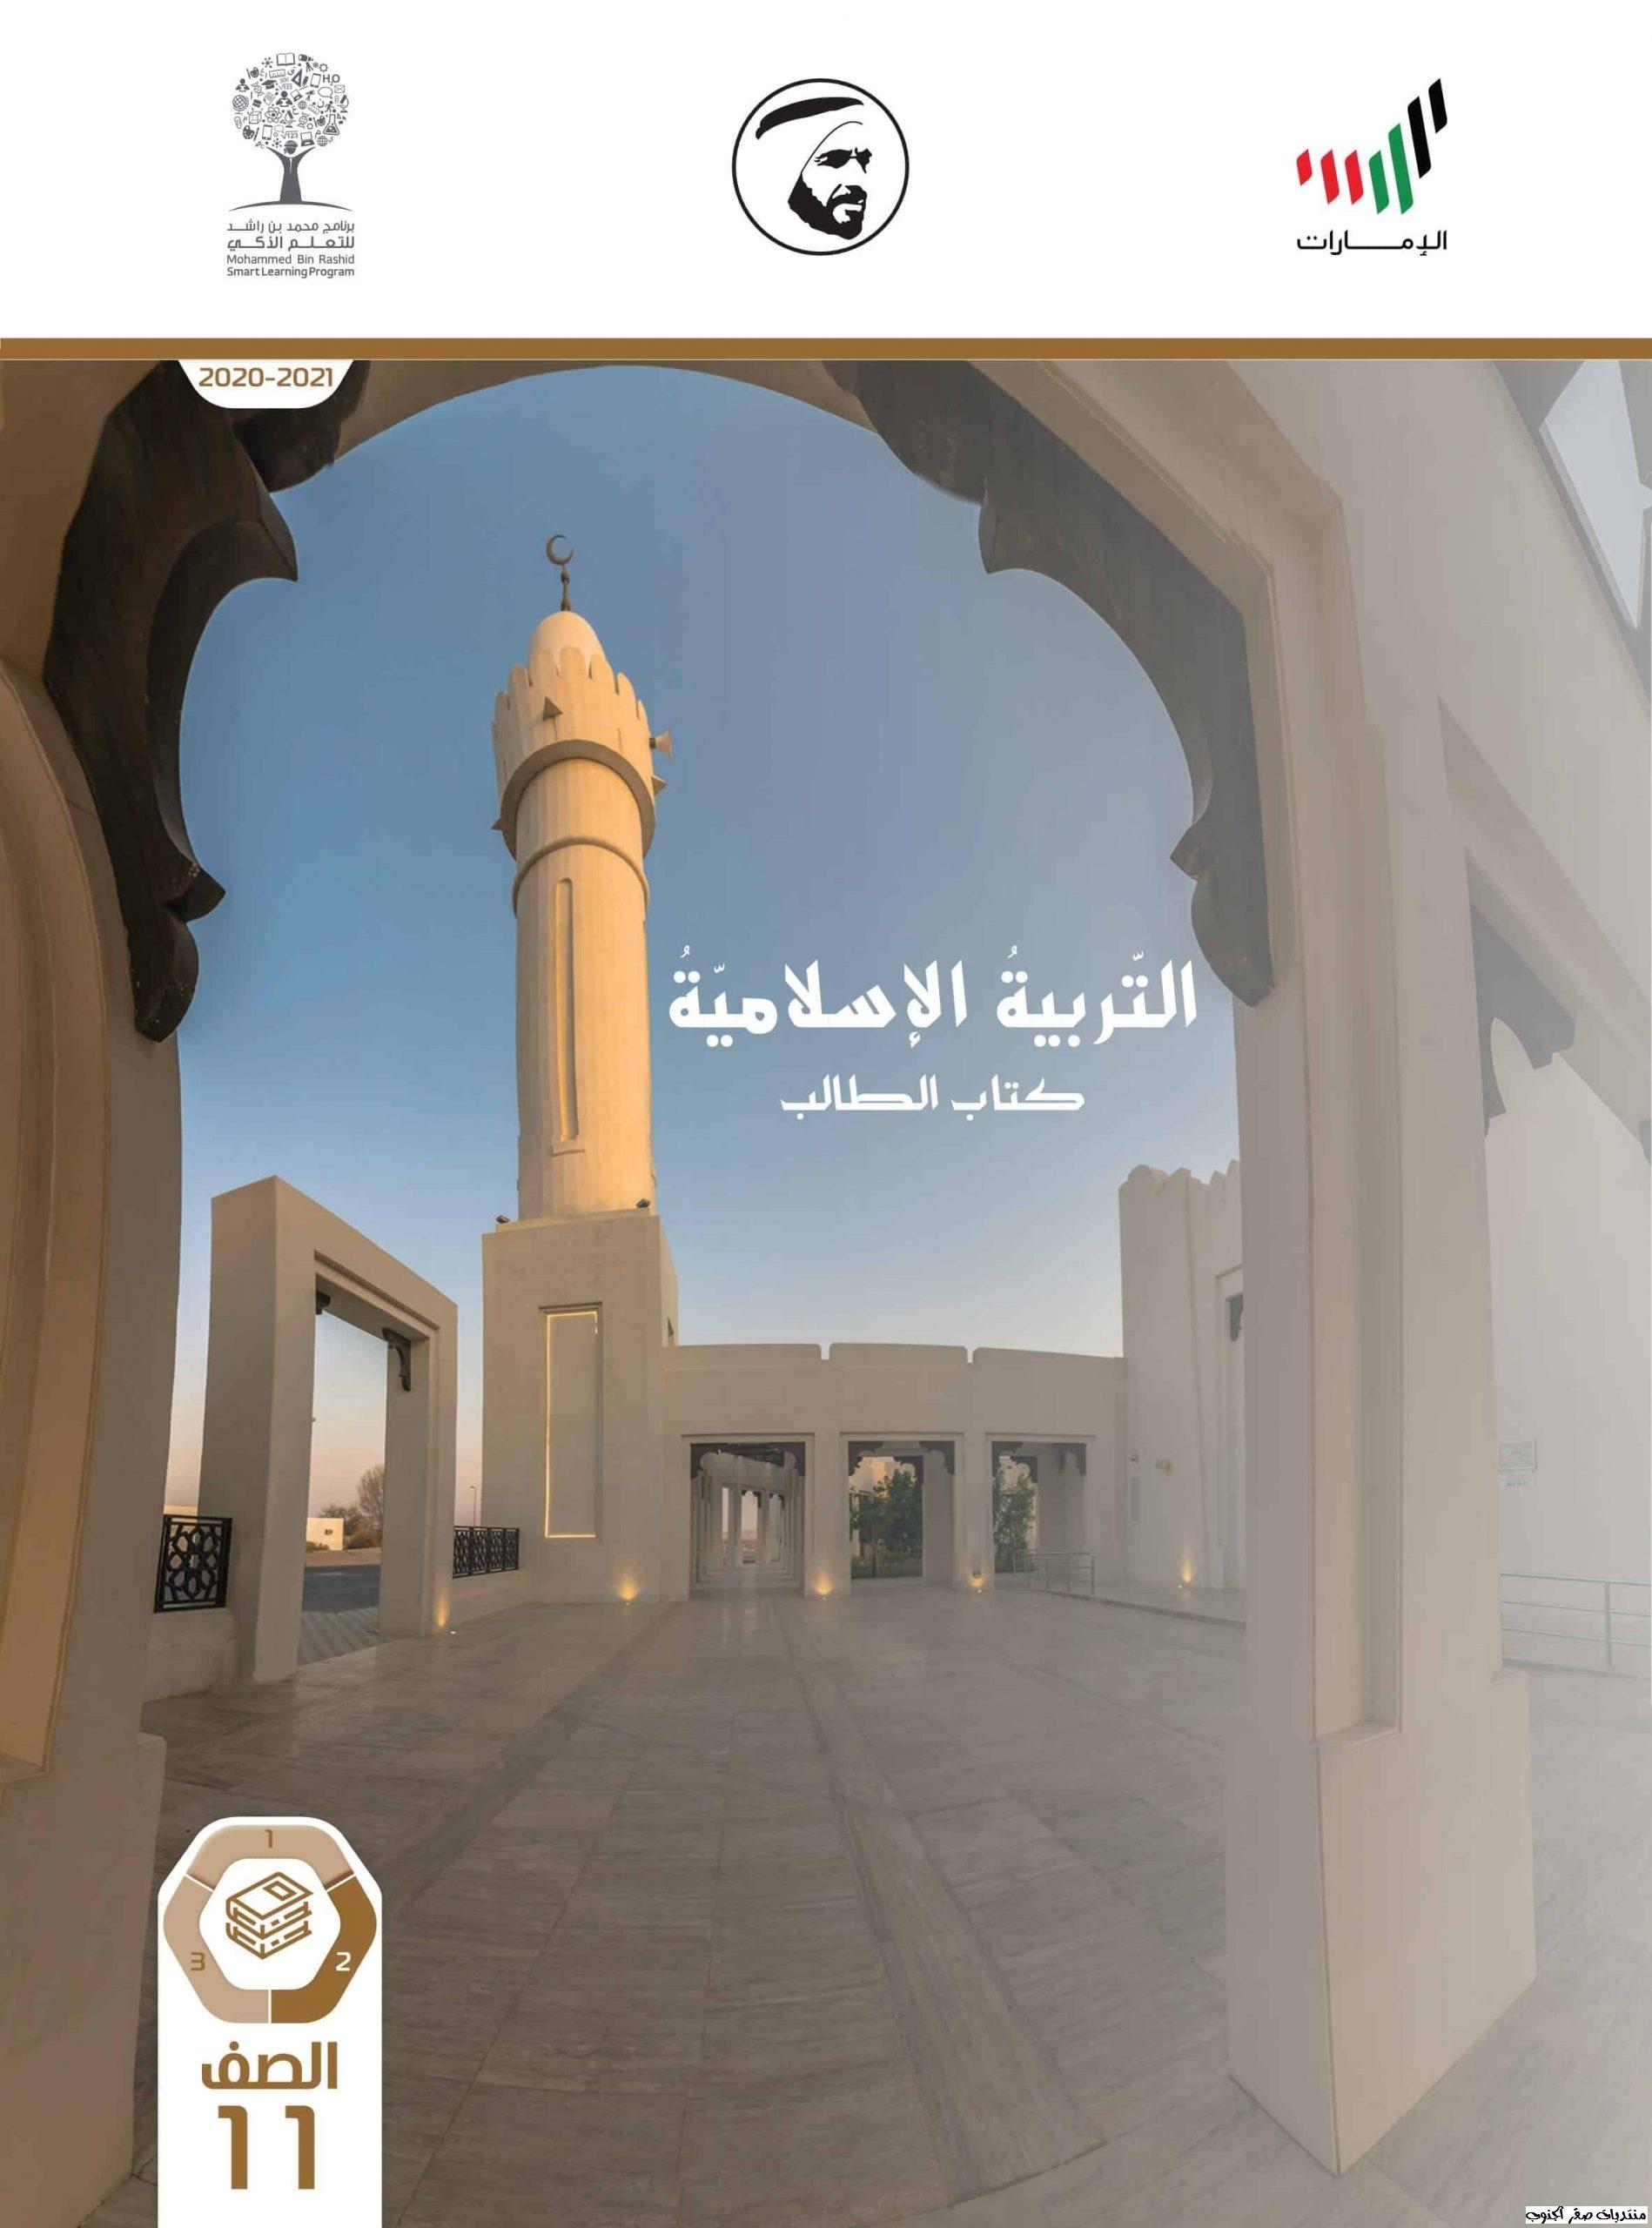 الطالب التربية الاسلامية الحادي الثاني2021